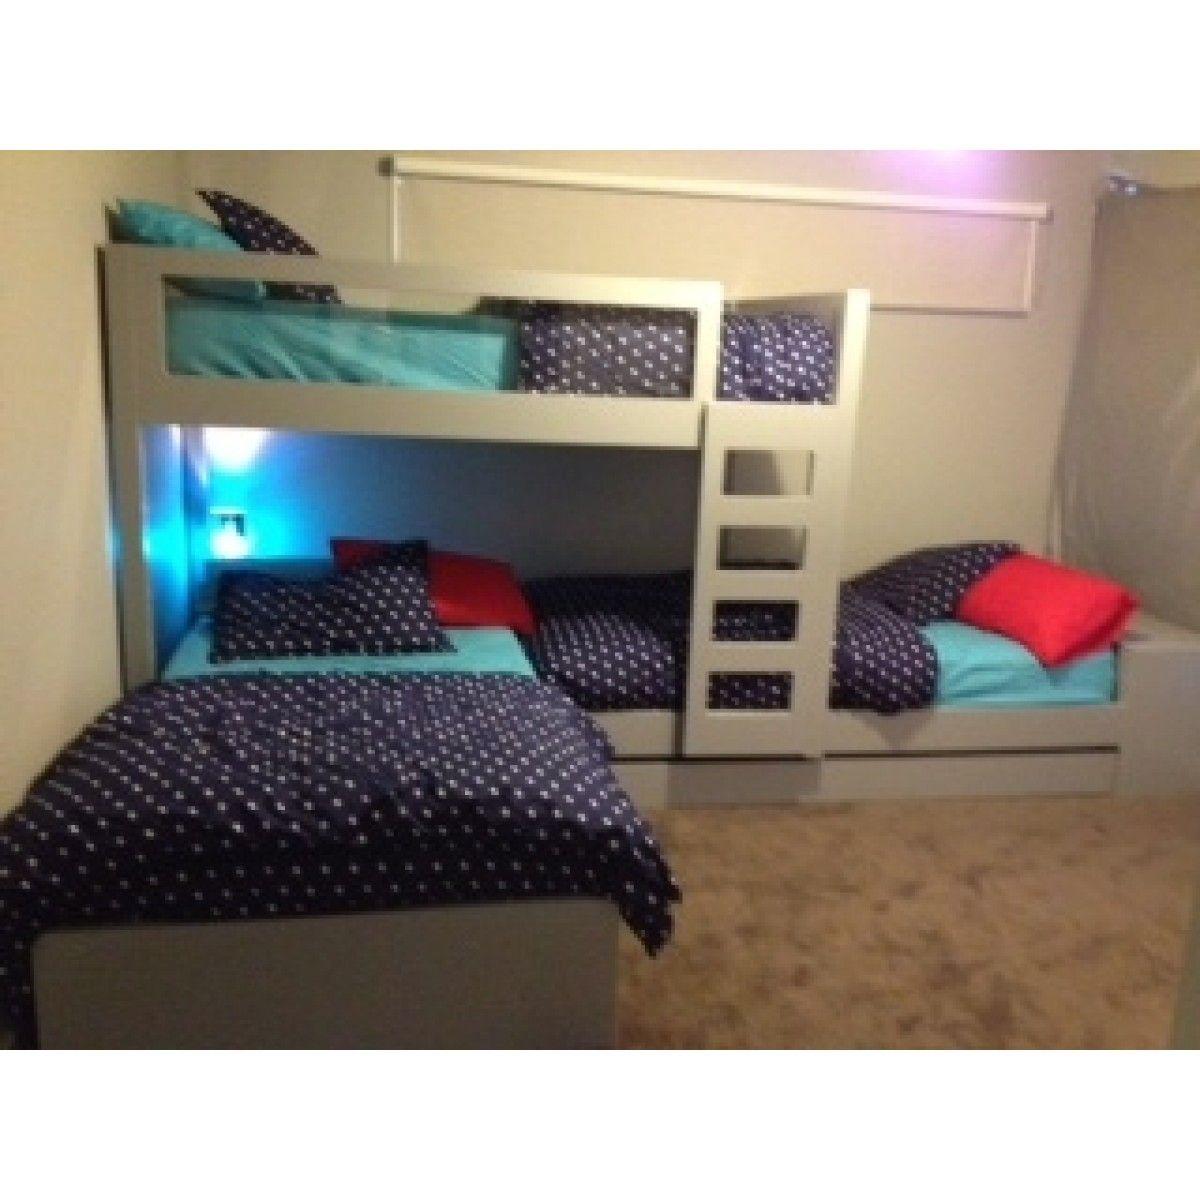 Buy Triple l shape bunk Online in Australia, Find best